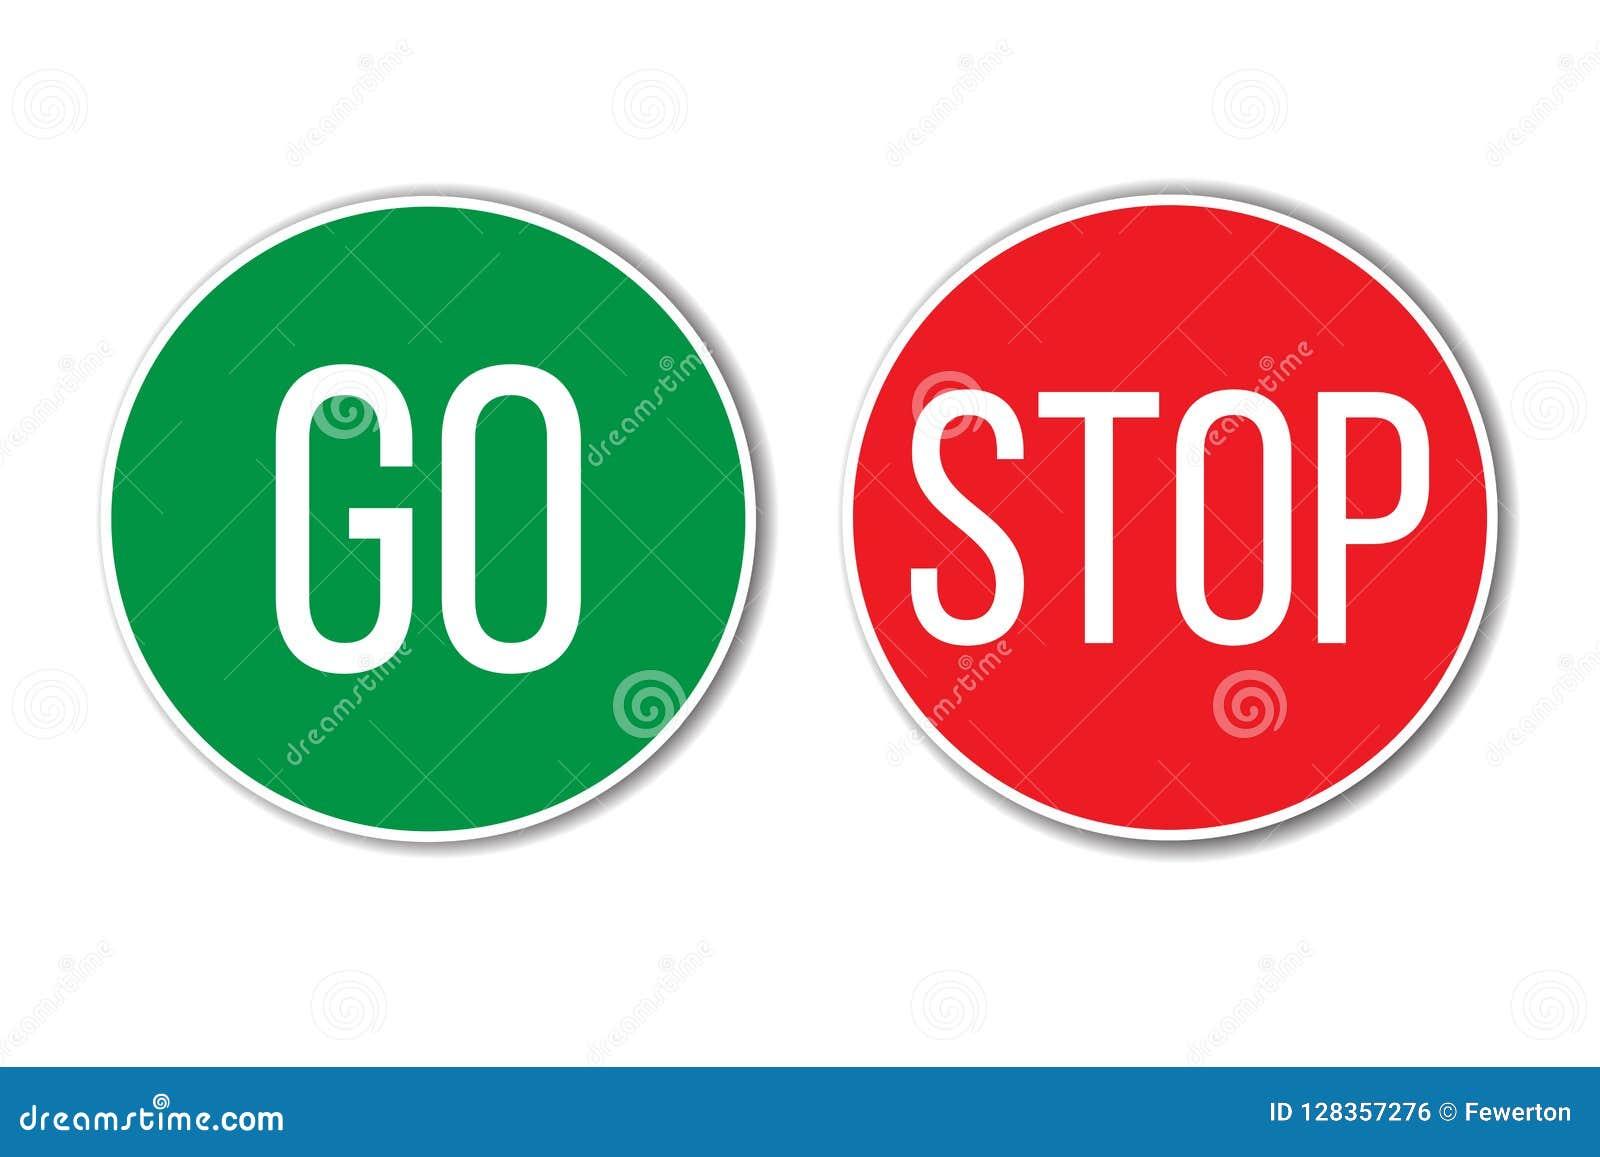 ΠΗΓΑΙΝΕΤΕ και ΣΤΑΜΑΤΗΣΤΕ το κόκκινο πράσινο από τα αριστερά προς τα δεξιά κείμενο λέξης πλήκτρο τα ΟΝ παρόμοια με τα σημάδια κυκλ